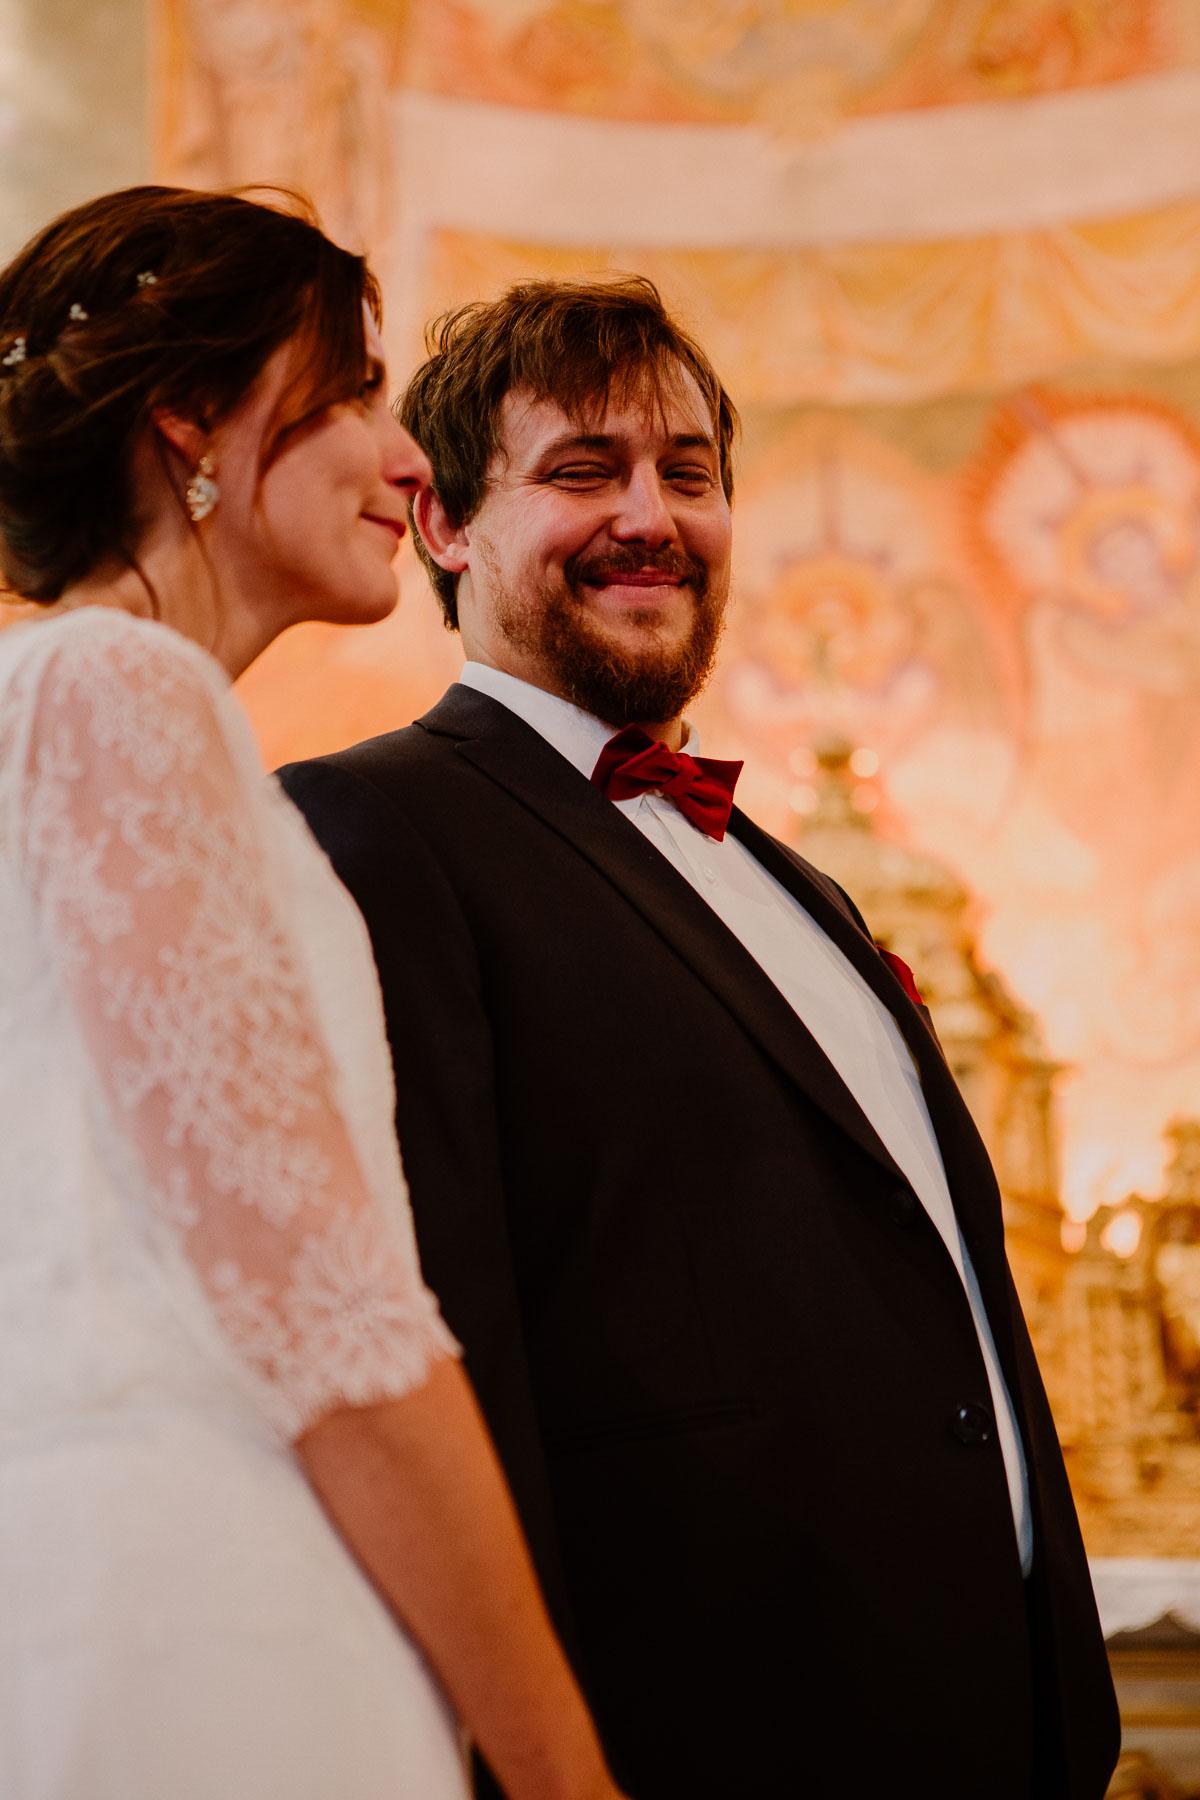 Mariage champêtre au chateau de Chazeron Auvergne amour